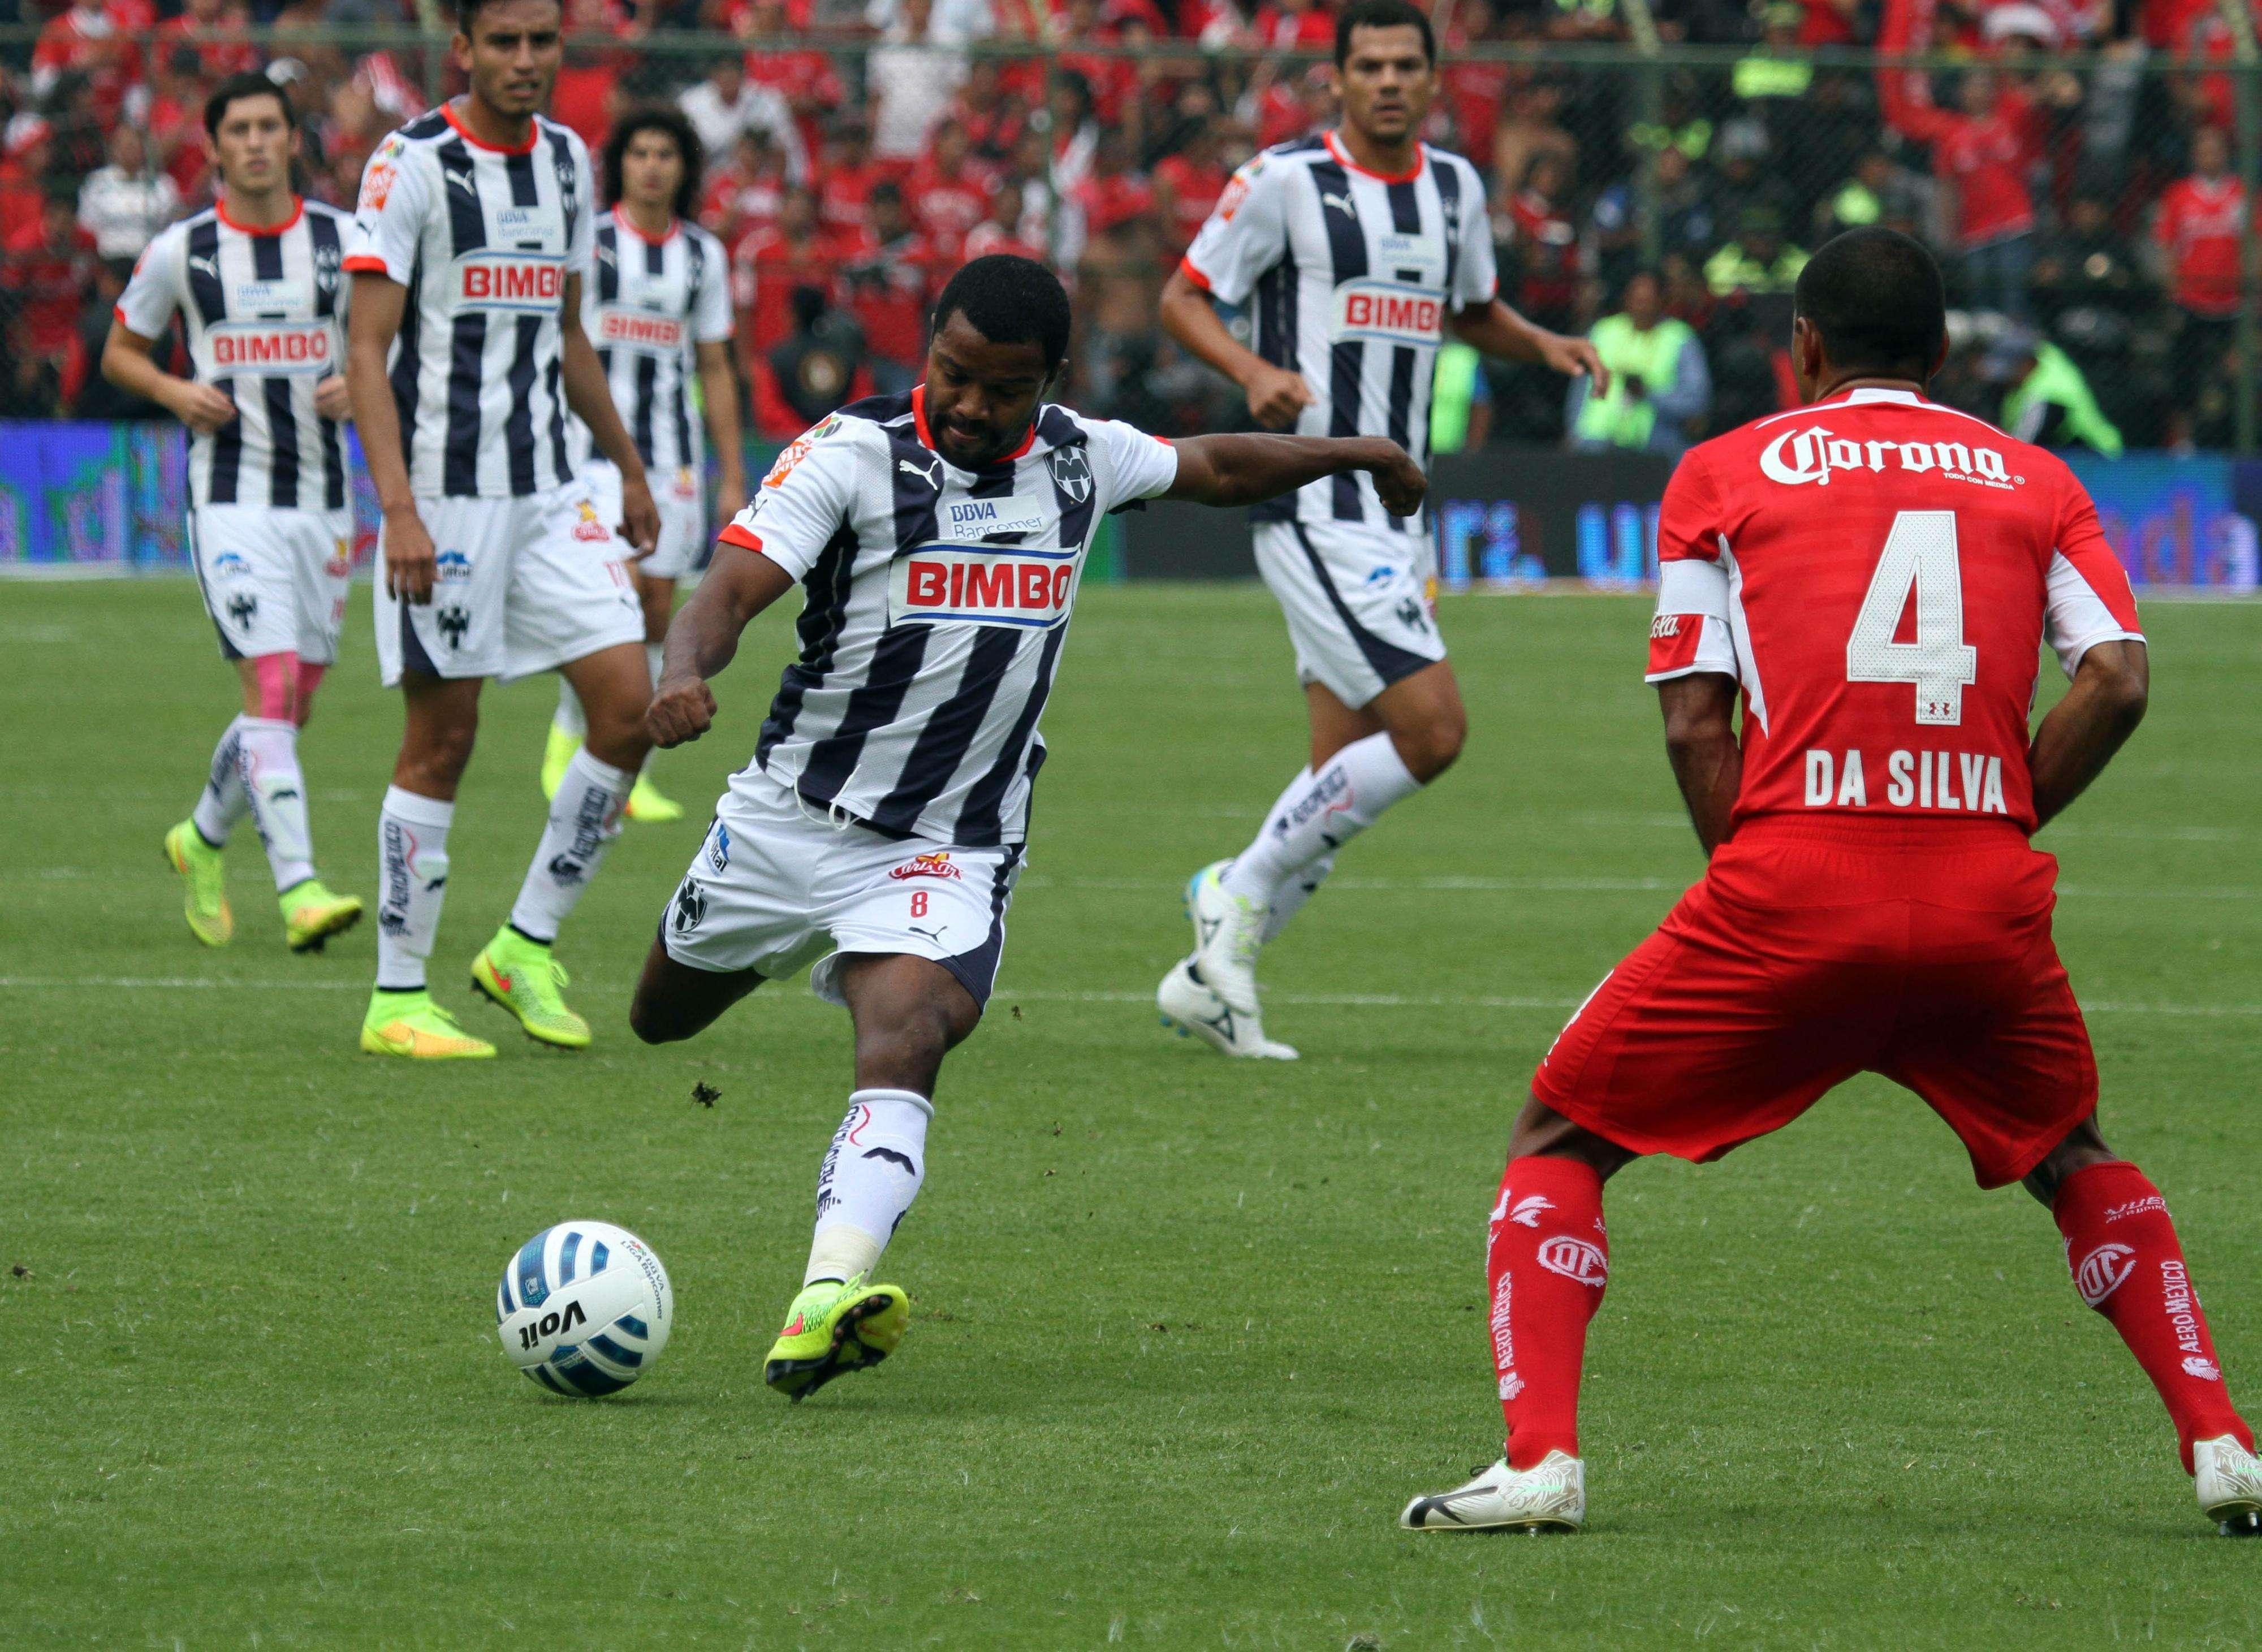 El cuadro Rayado en su partido ante los Diablos Rojos del Toluca. Foto: David Tamez/Rayados.com